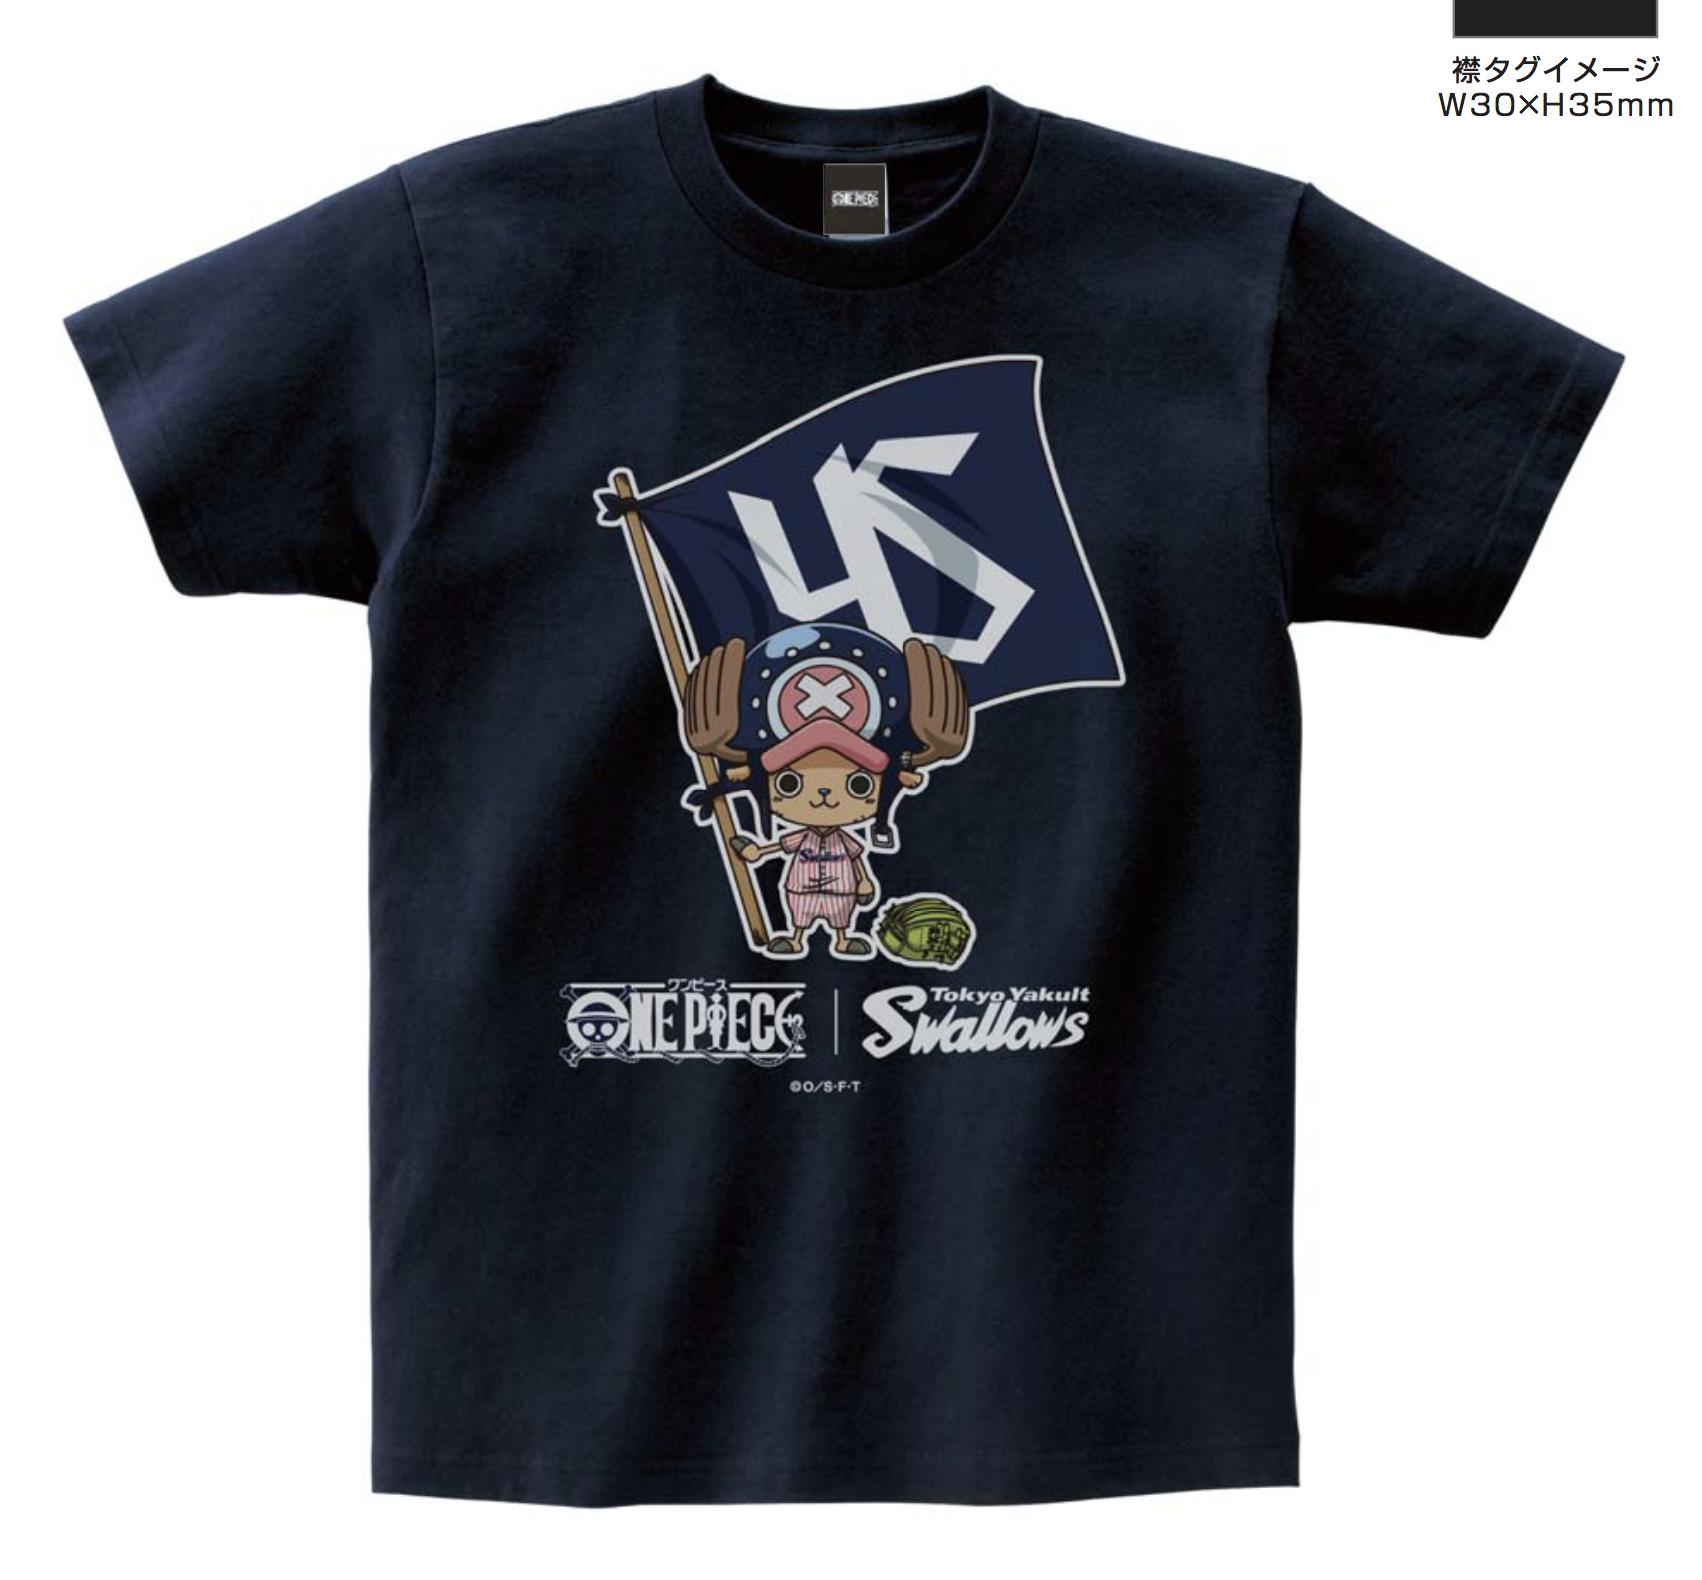 ワンピース×スワローズ Tシャツ(キッズ)